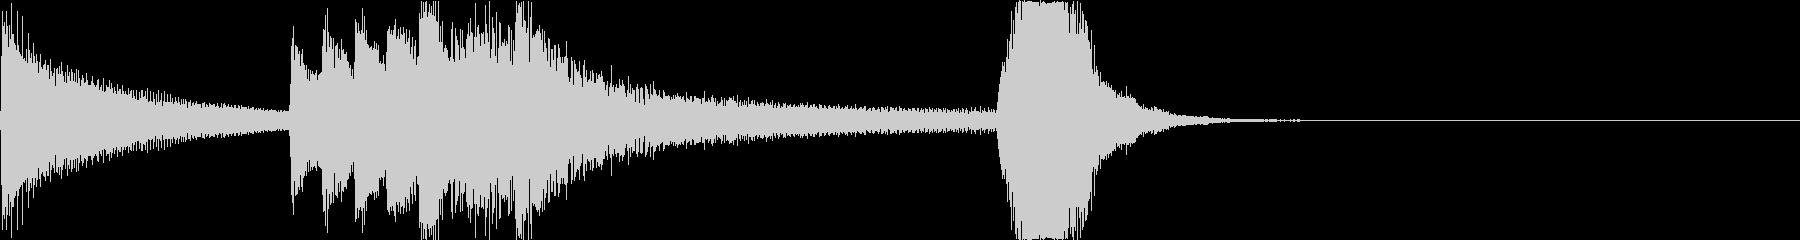 劇的なオーケストラ・ジングルの未再生の波形